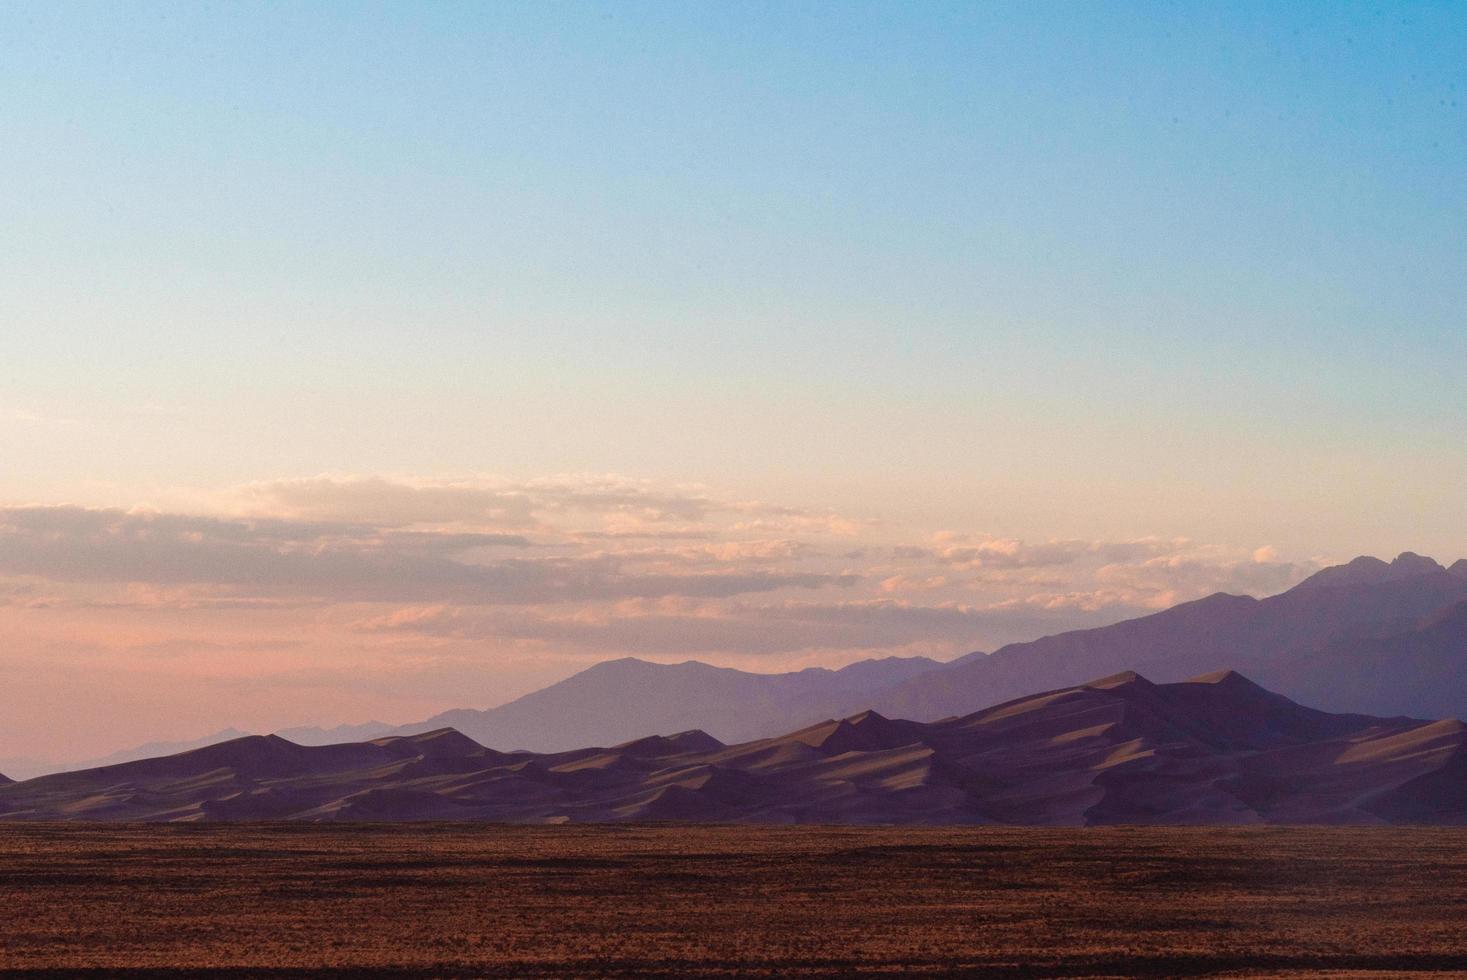 dunes de sable au coucher du soleil photo